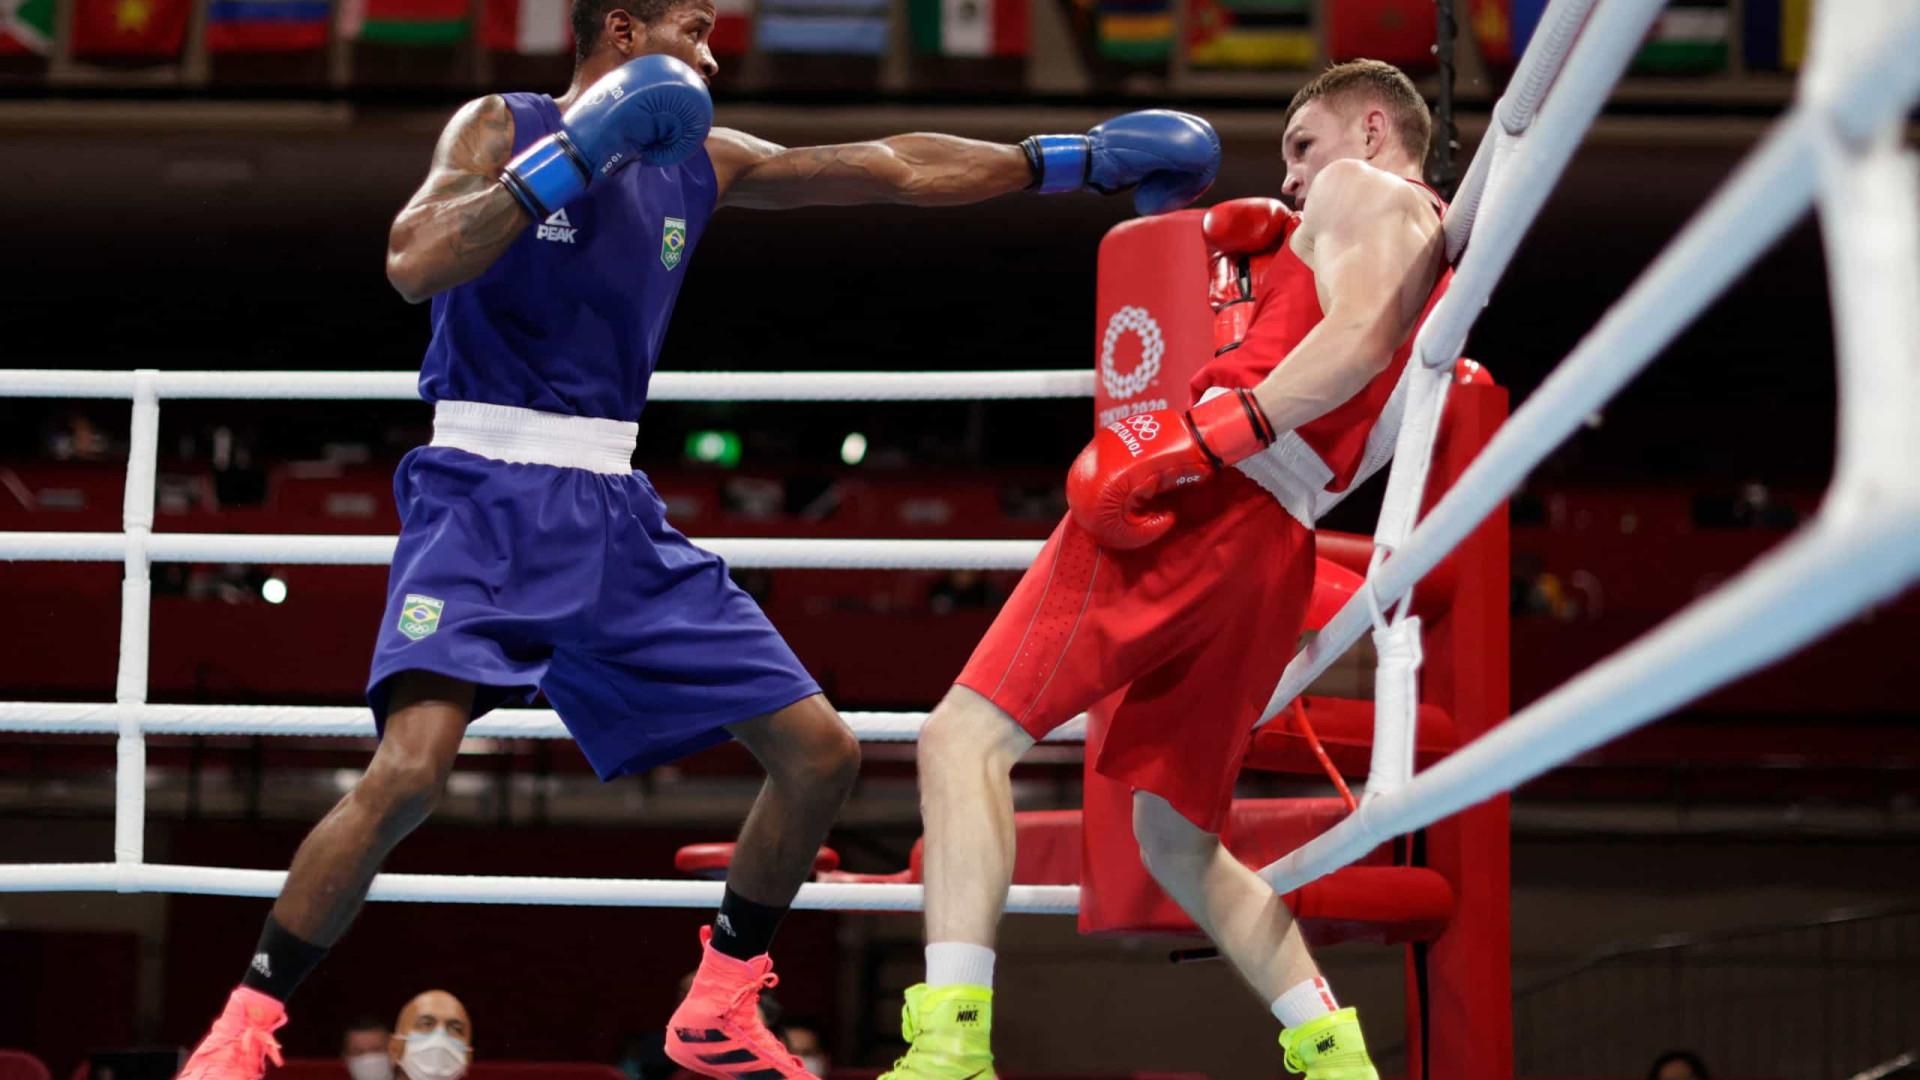 Wanderson de Oliveira vence no boxe e vai enfrentar cubano nas quartas em Tóquio